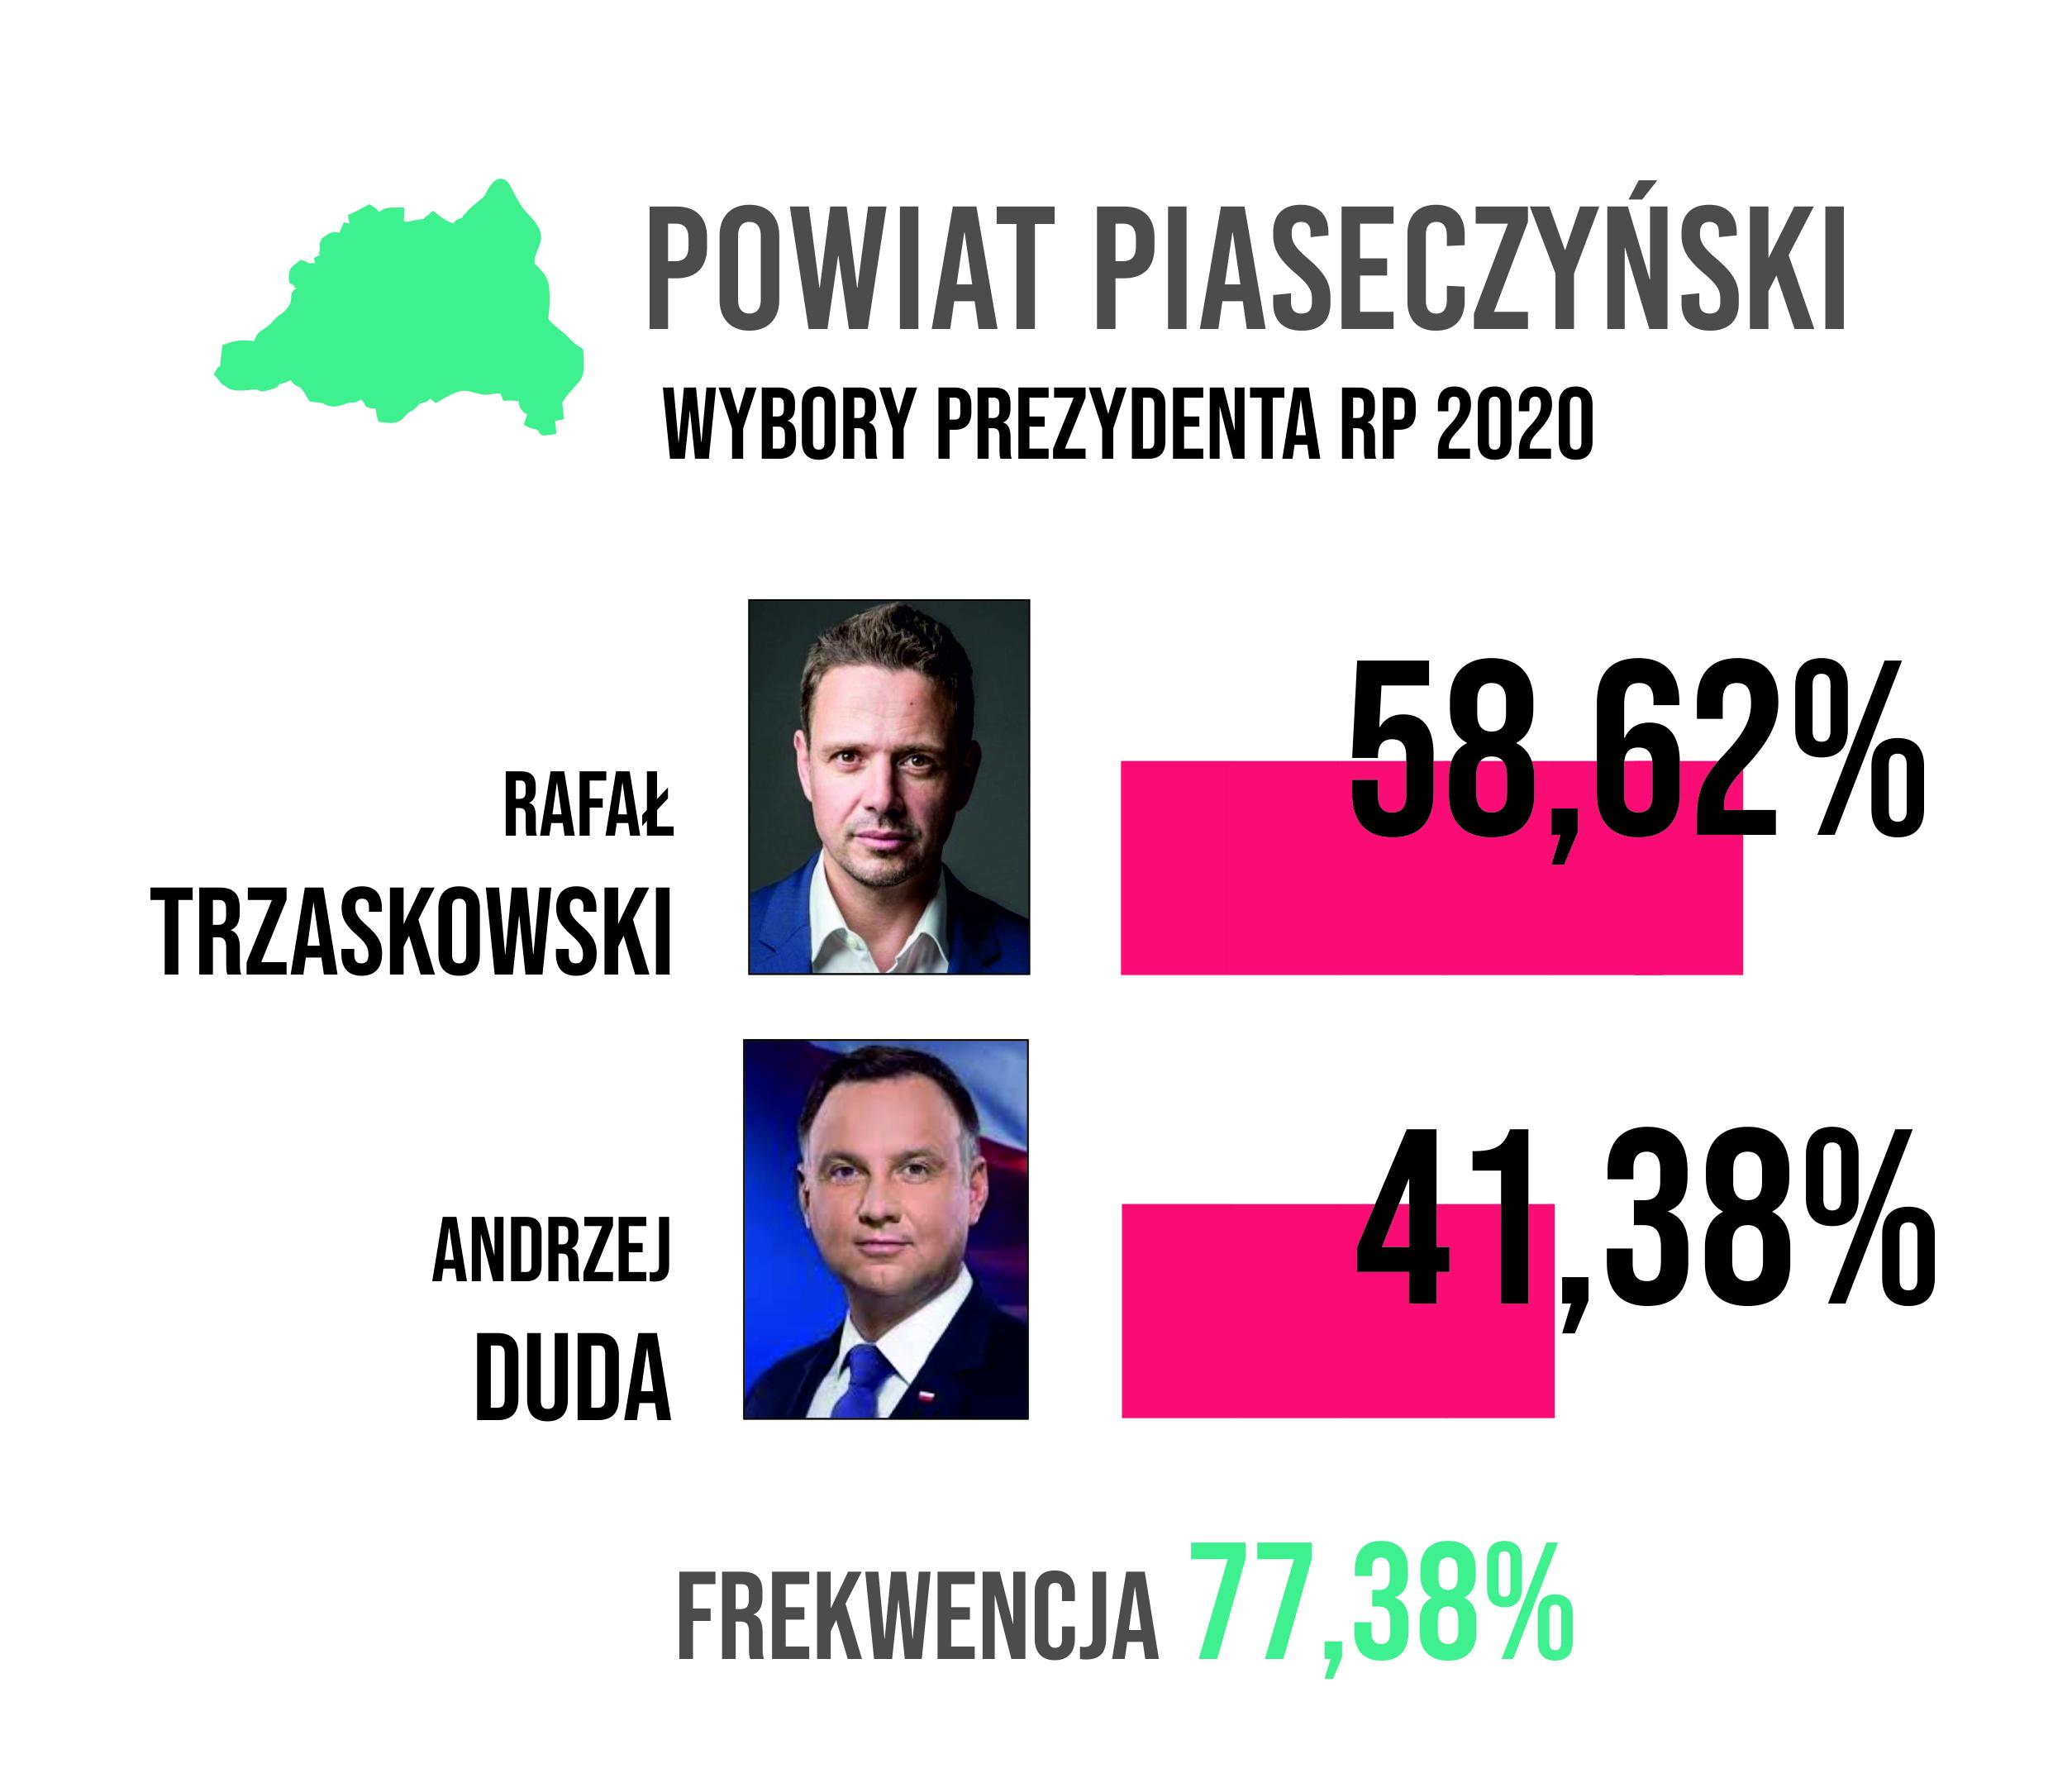 wykres wyniki wyborów prezydenckich w powiecie